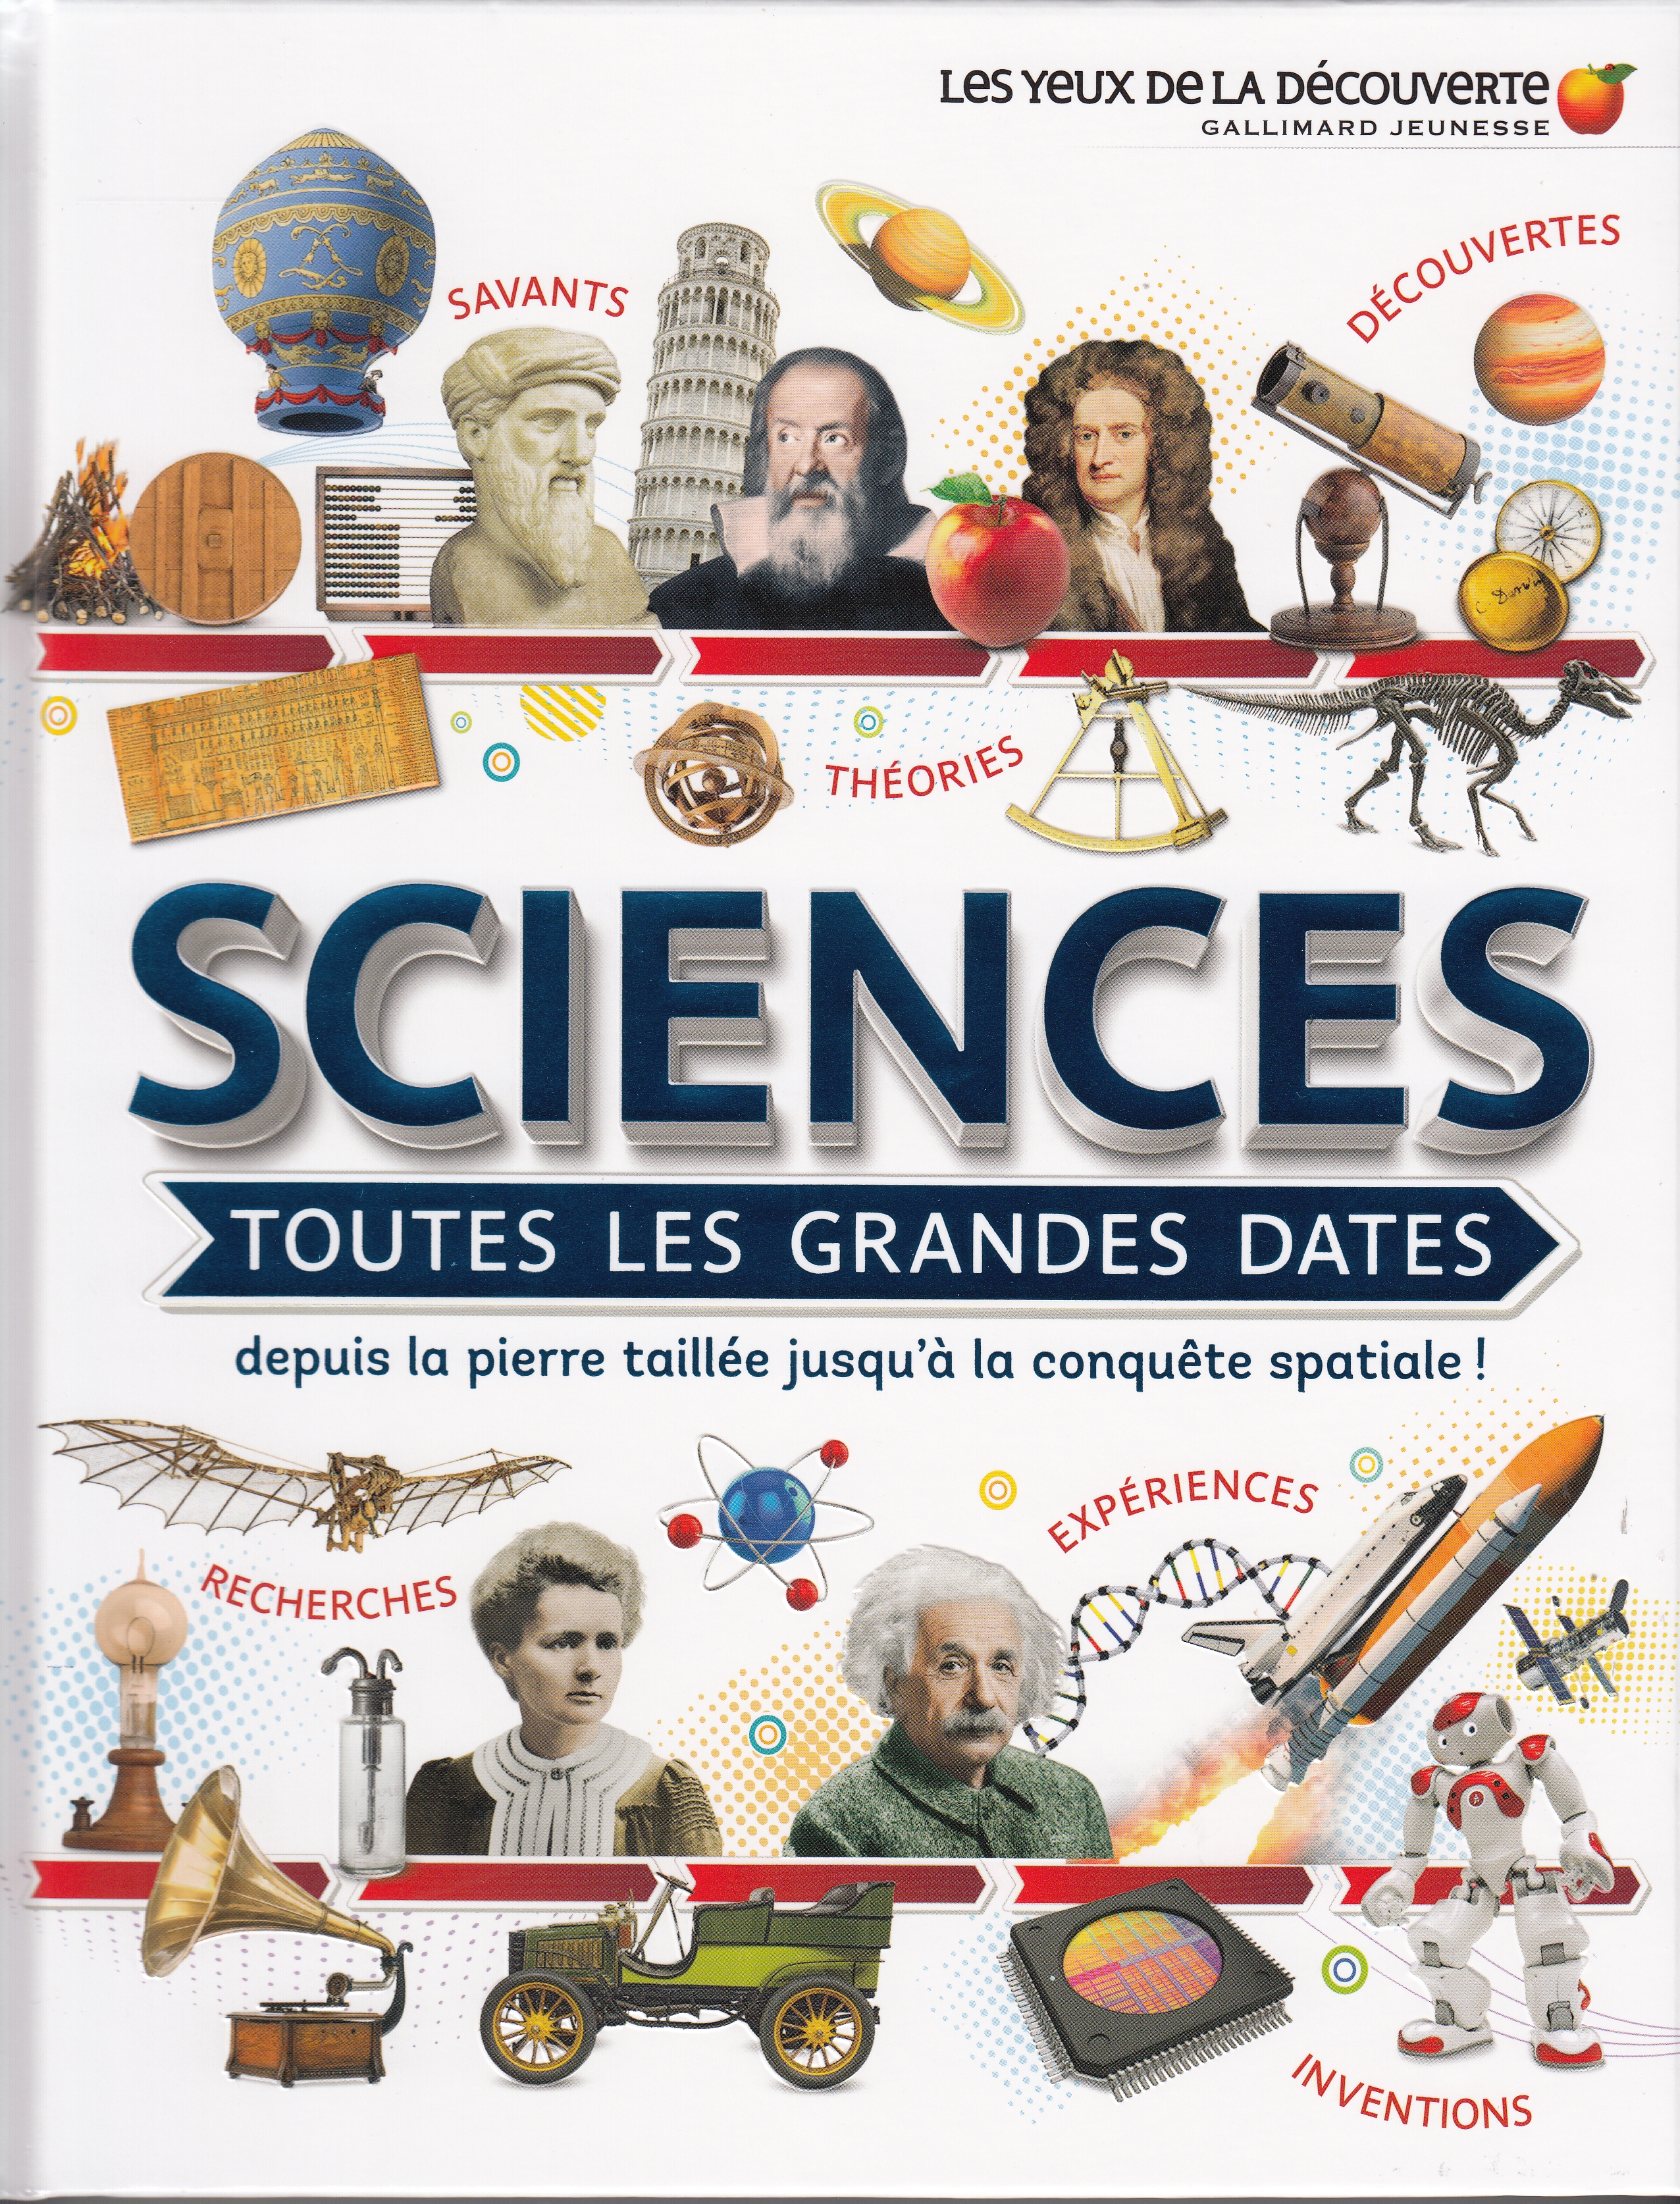 SCIENCES : TOUTES LES GRANDES DATES - DEPUIS LA PIERRE TAILLEE JUSQU'A LA CONQUETE SPATIALE !